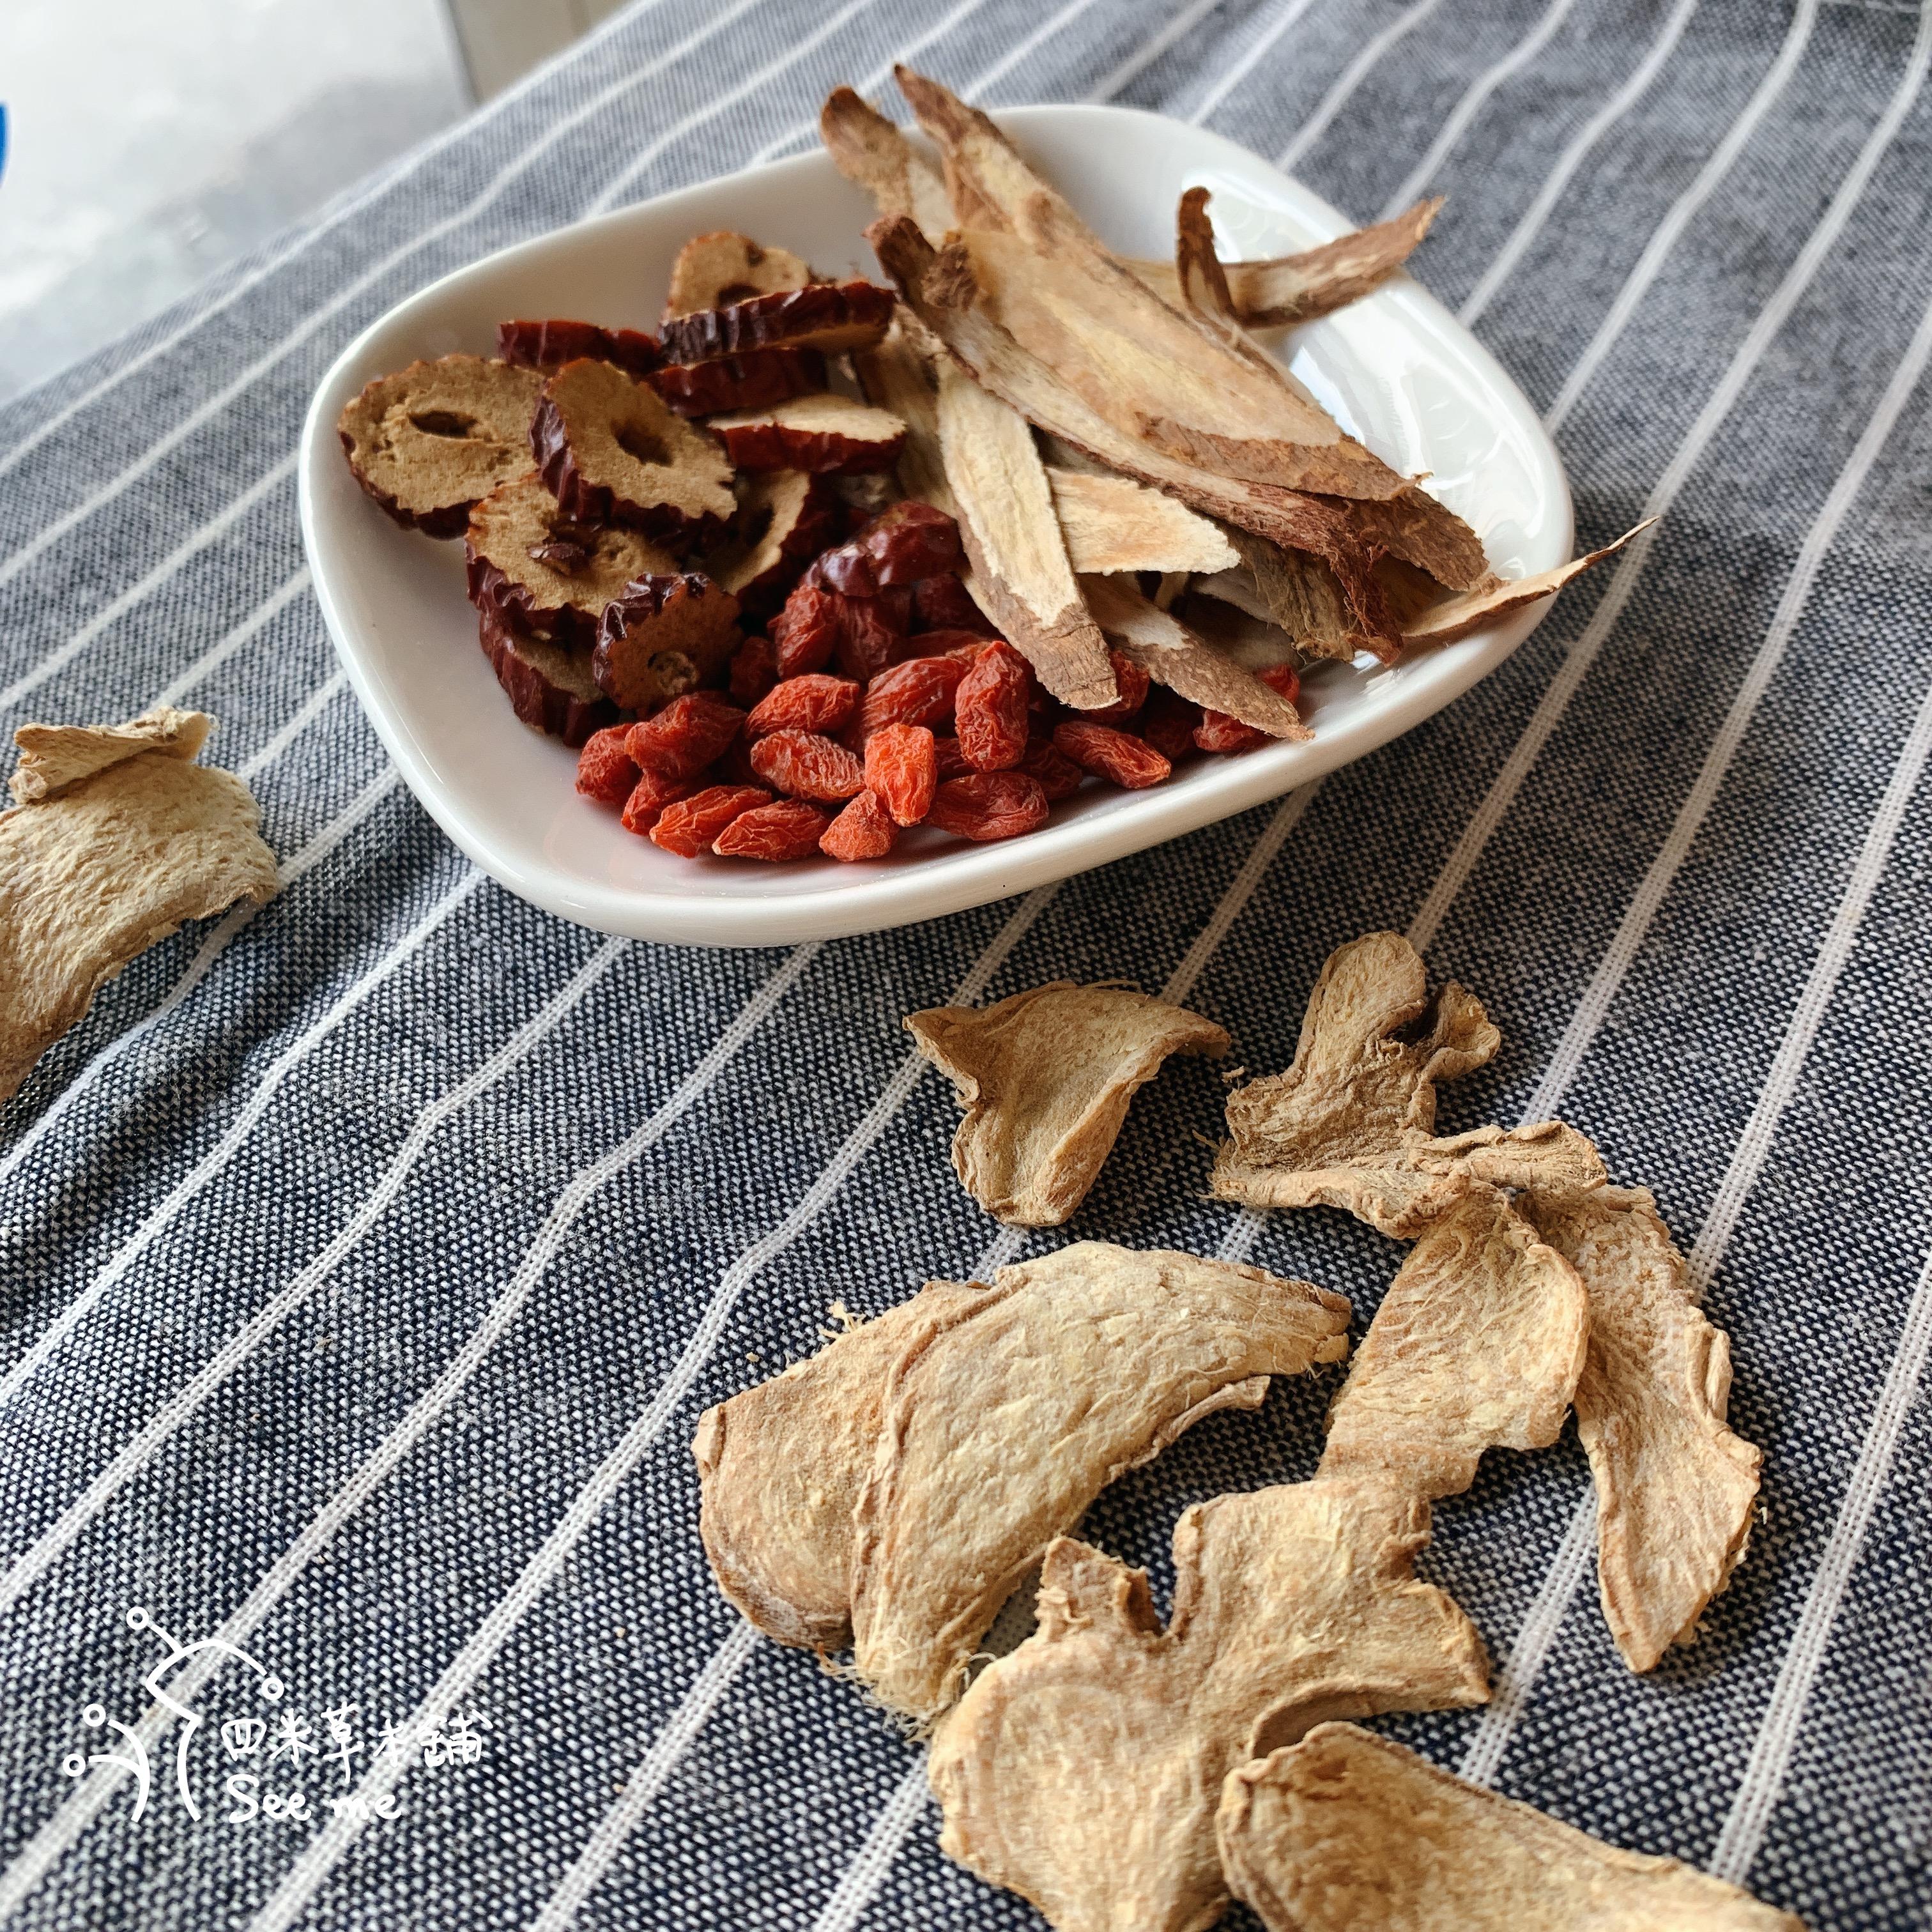 【四米草本舖】元氣薑薑茶 10入組 - 養生茶包 冬天畏寒 手腳冰冷